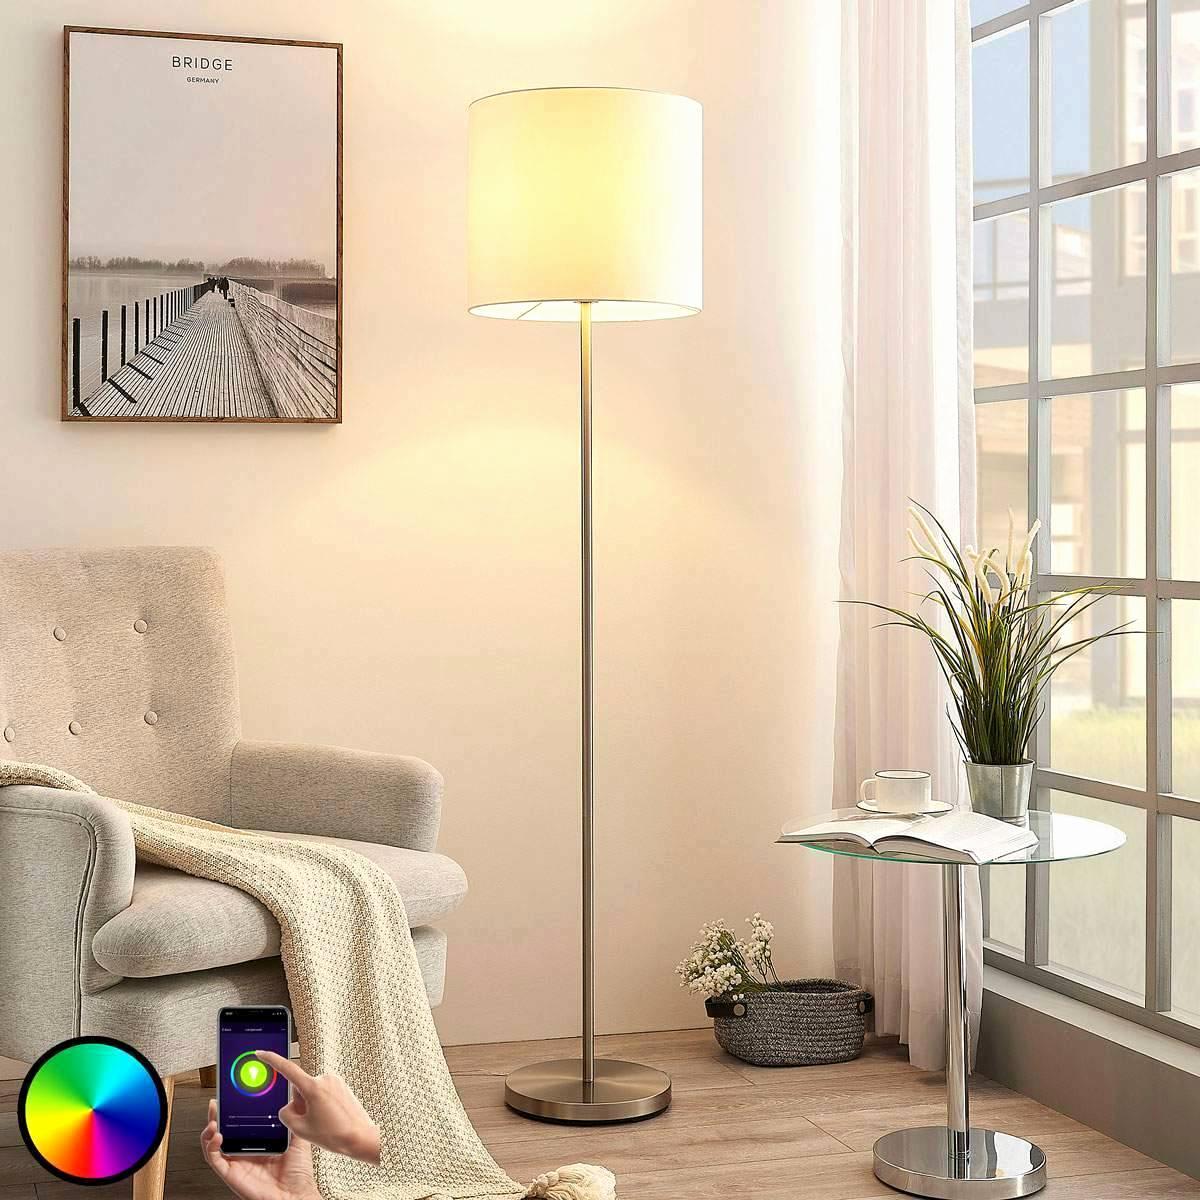 wohnzimmer wand design luxus best wohnzimmer design ideen ideas of wohnzimmer wand design